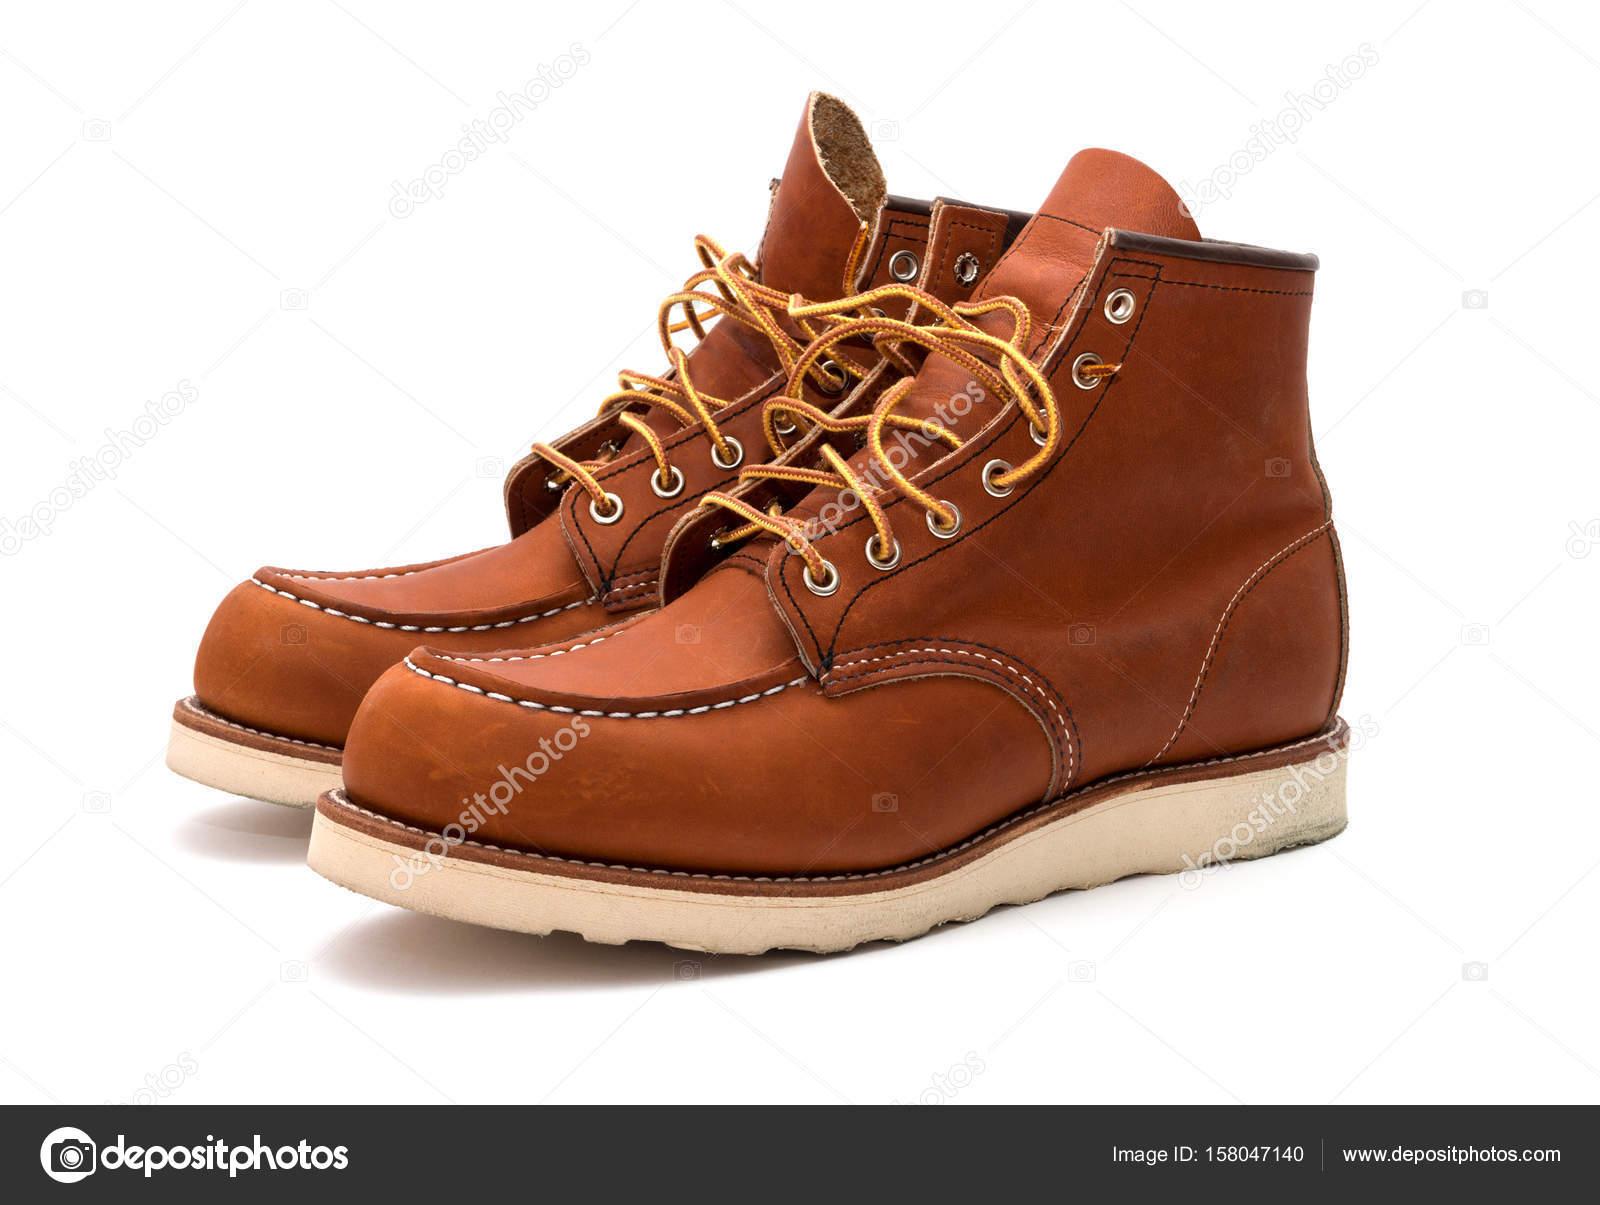 gran variedad de 100% de garantía de satisfacción zapatillas Botas americanas de trabajo — Fotos de Stock © DNKSTUDIO ...